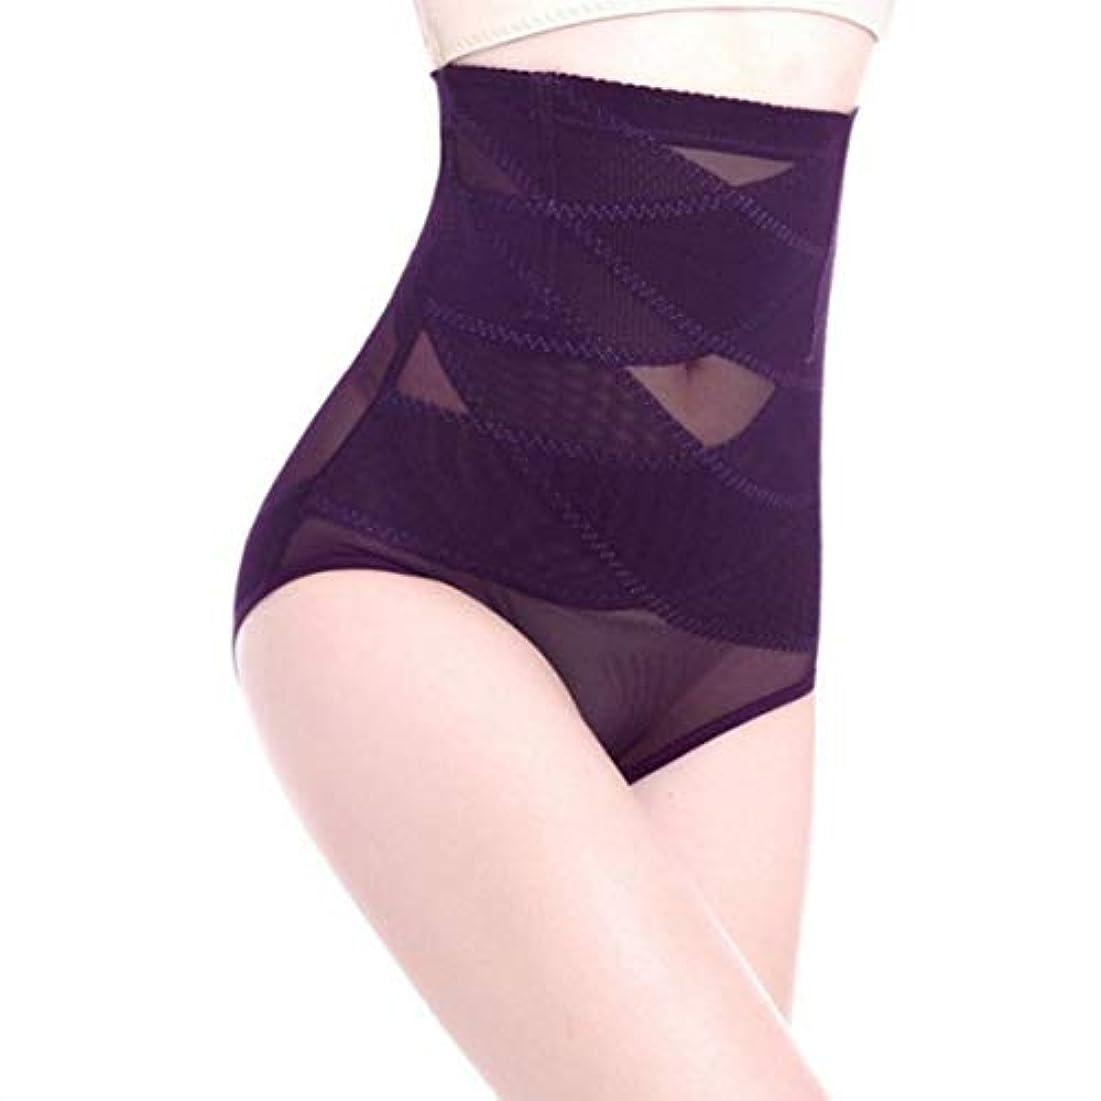 運ぶパッチささやき通気性のあるハイウエスト女性痩身腹部コントロール下着シームレスおなかコントロールパンティーバットリフターボディシェイパー - パープル3 XL